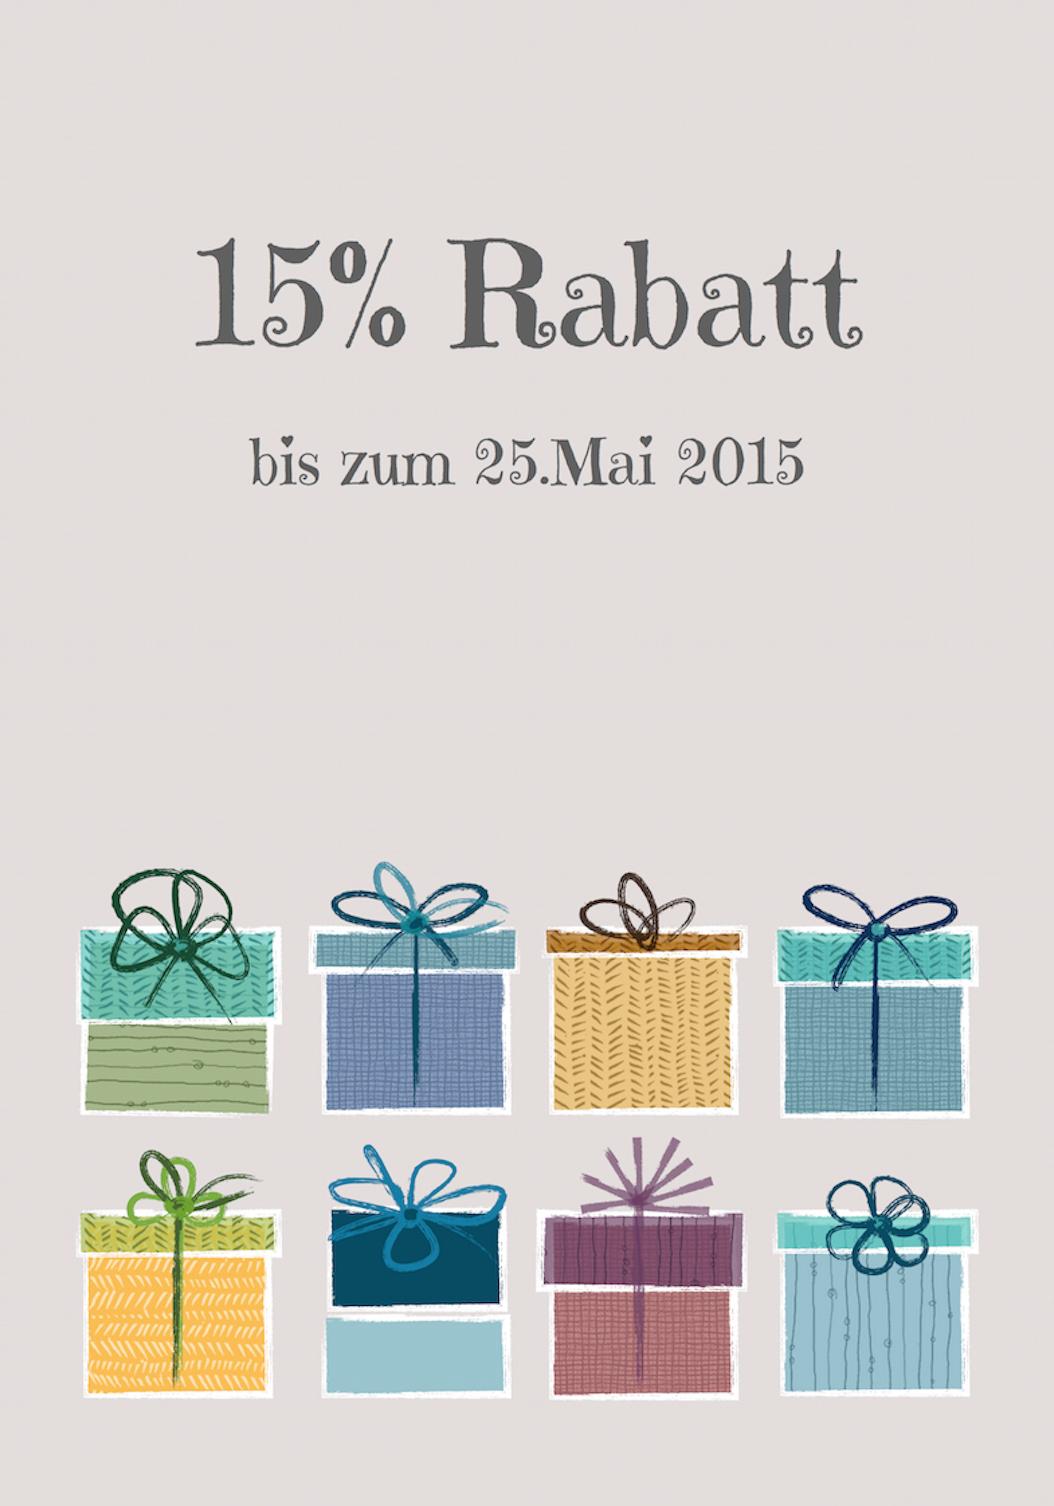 Bildschirmfoto 2015-05-19 um 21.36.32